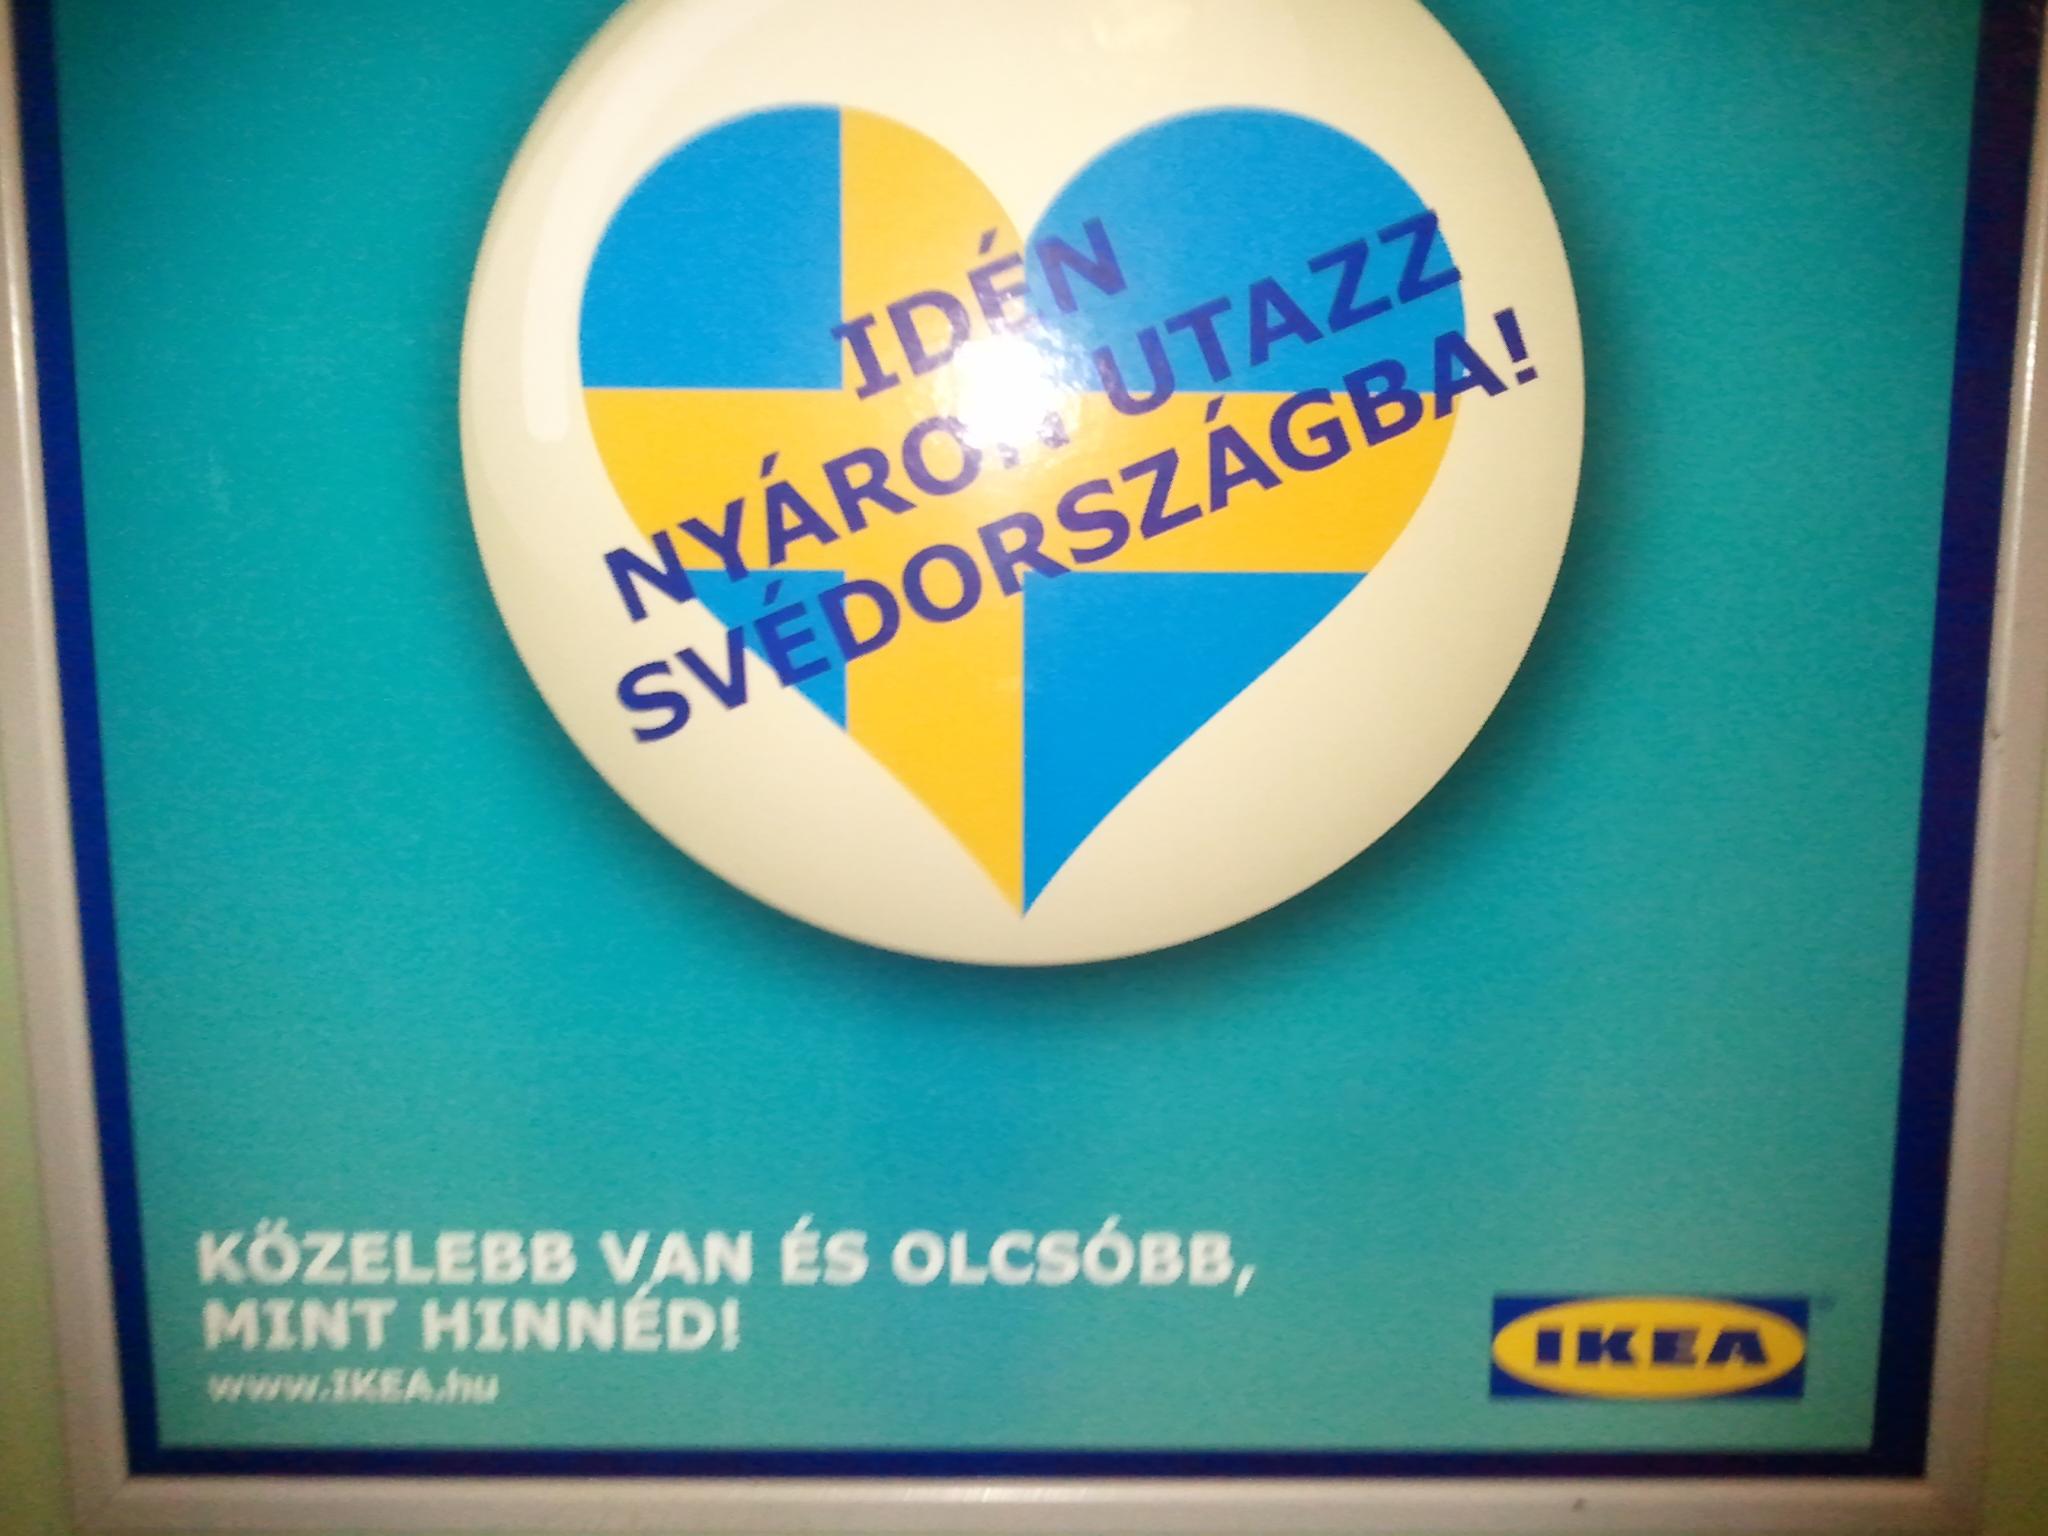 Anuncio de IKEA en Hungría